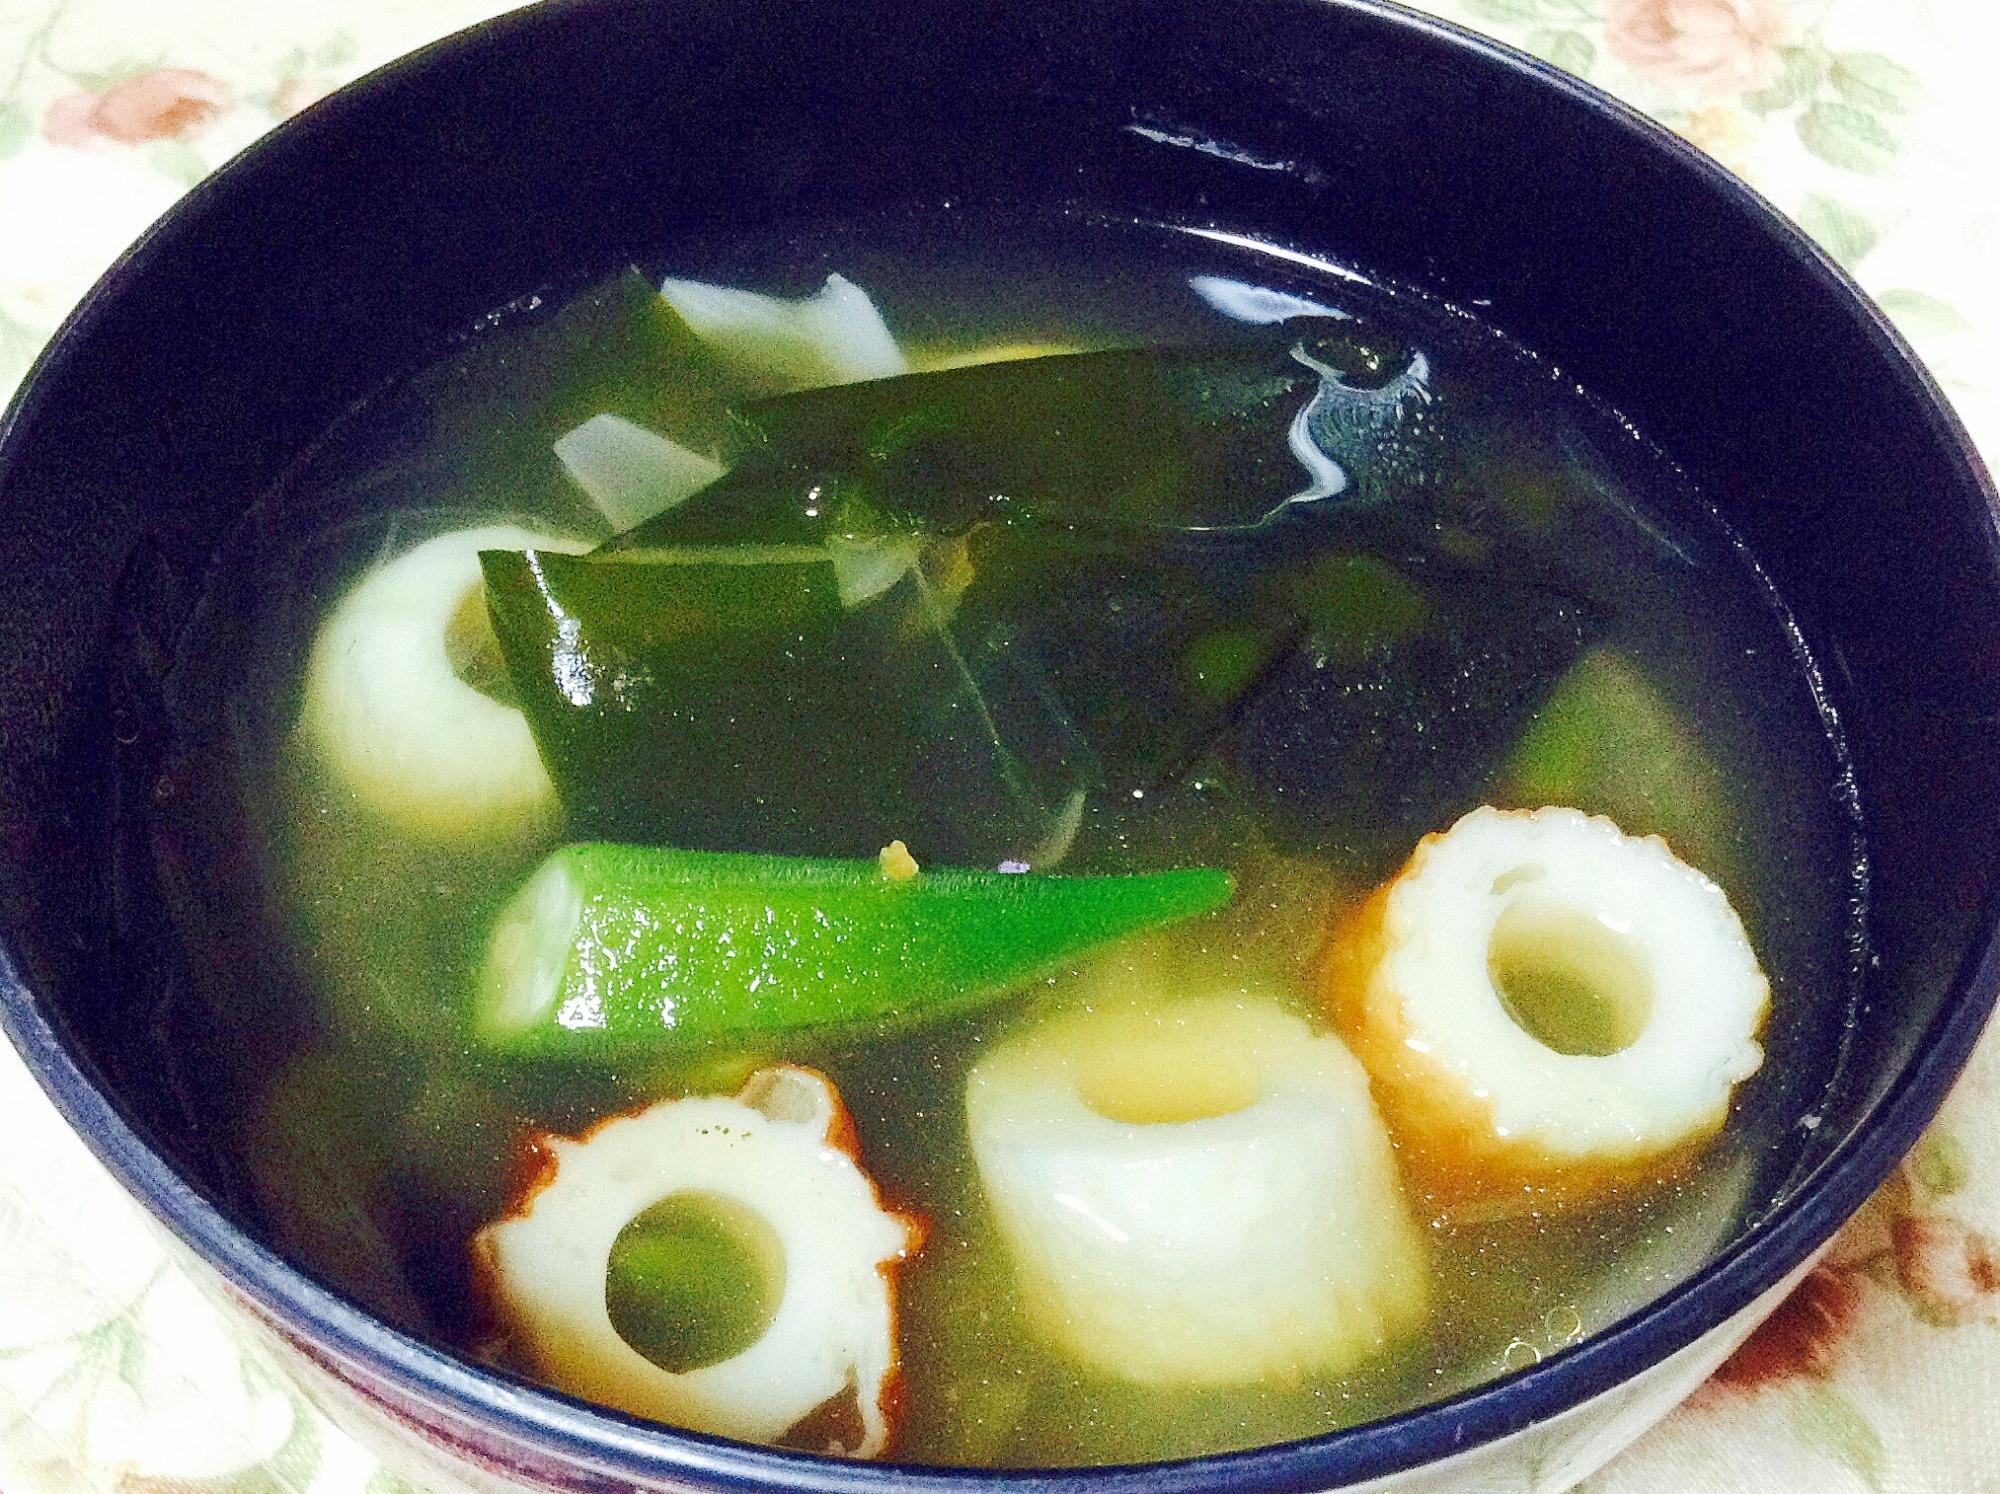 オクラ☆玉ねぎ☆ちくわ☆ワカメ☆スープ